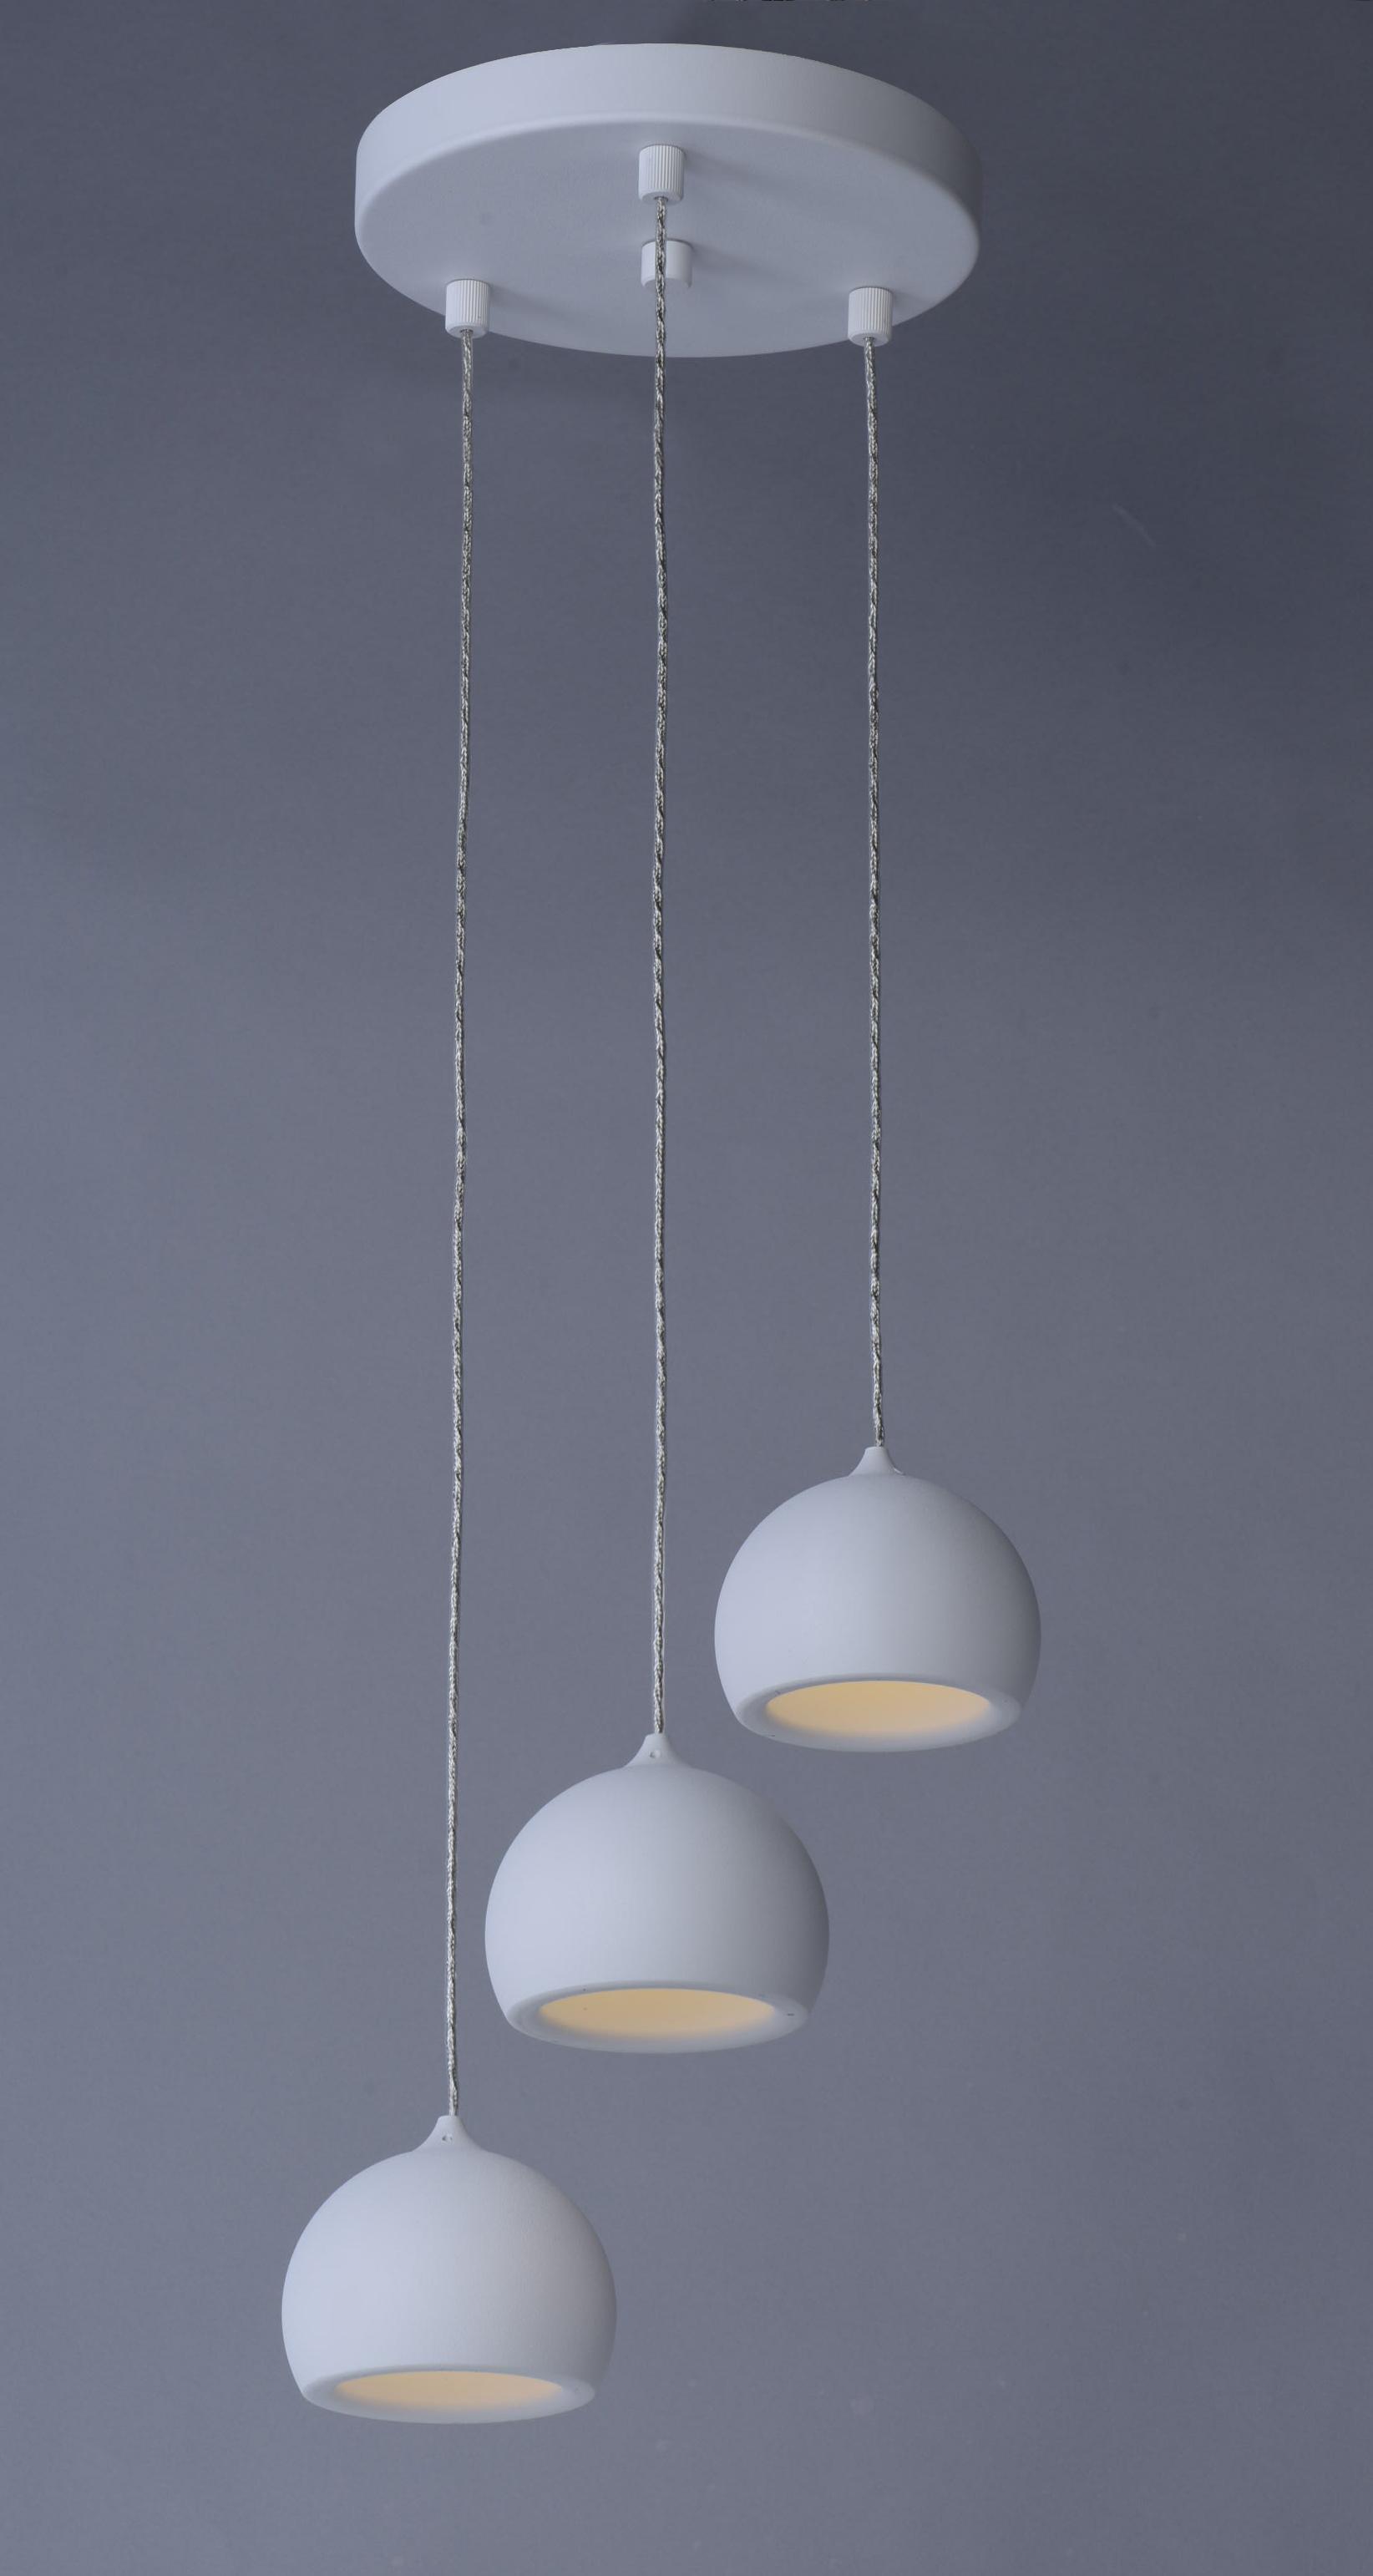 Alumilux LED 3-Light Pendant